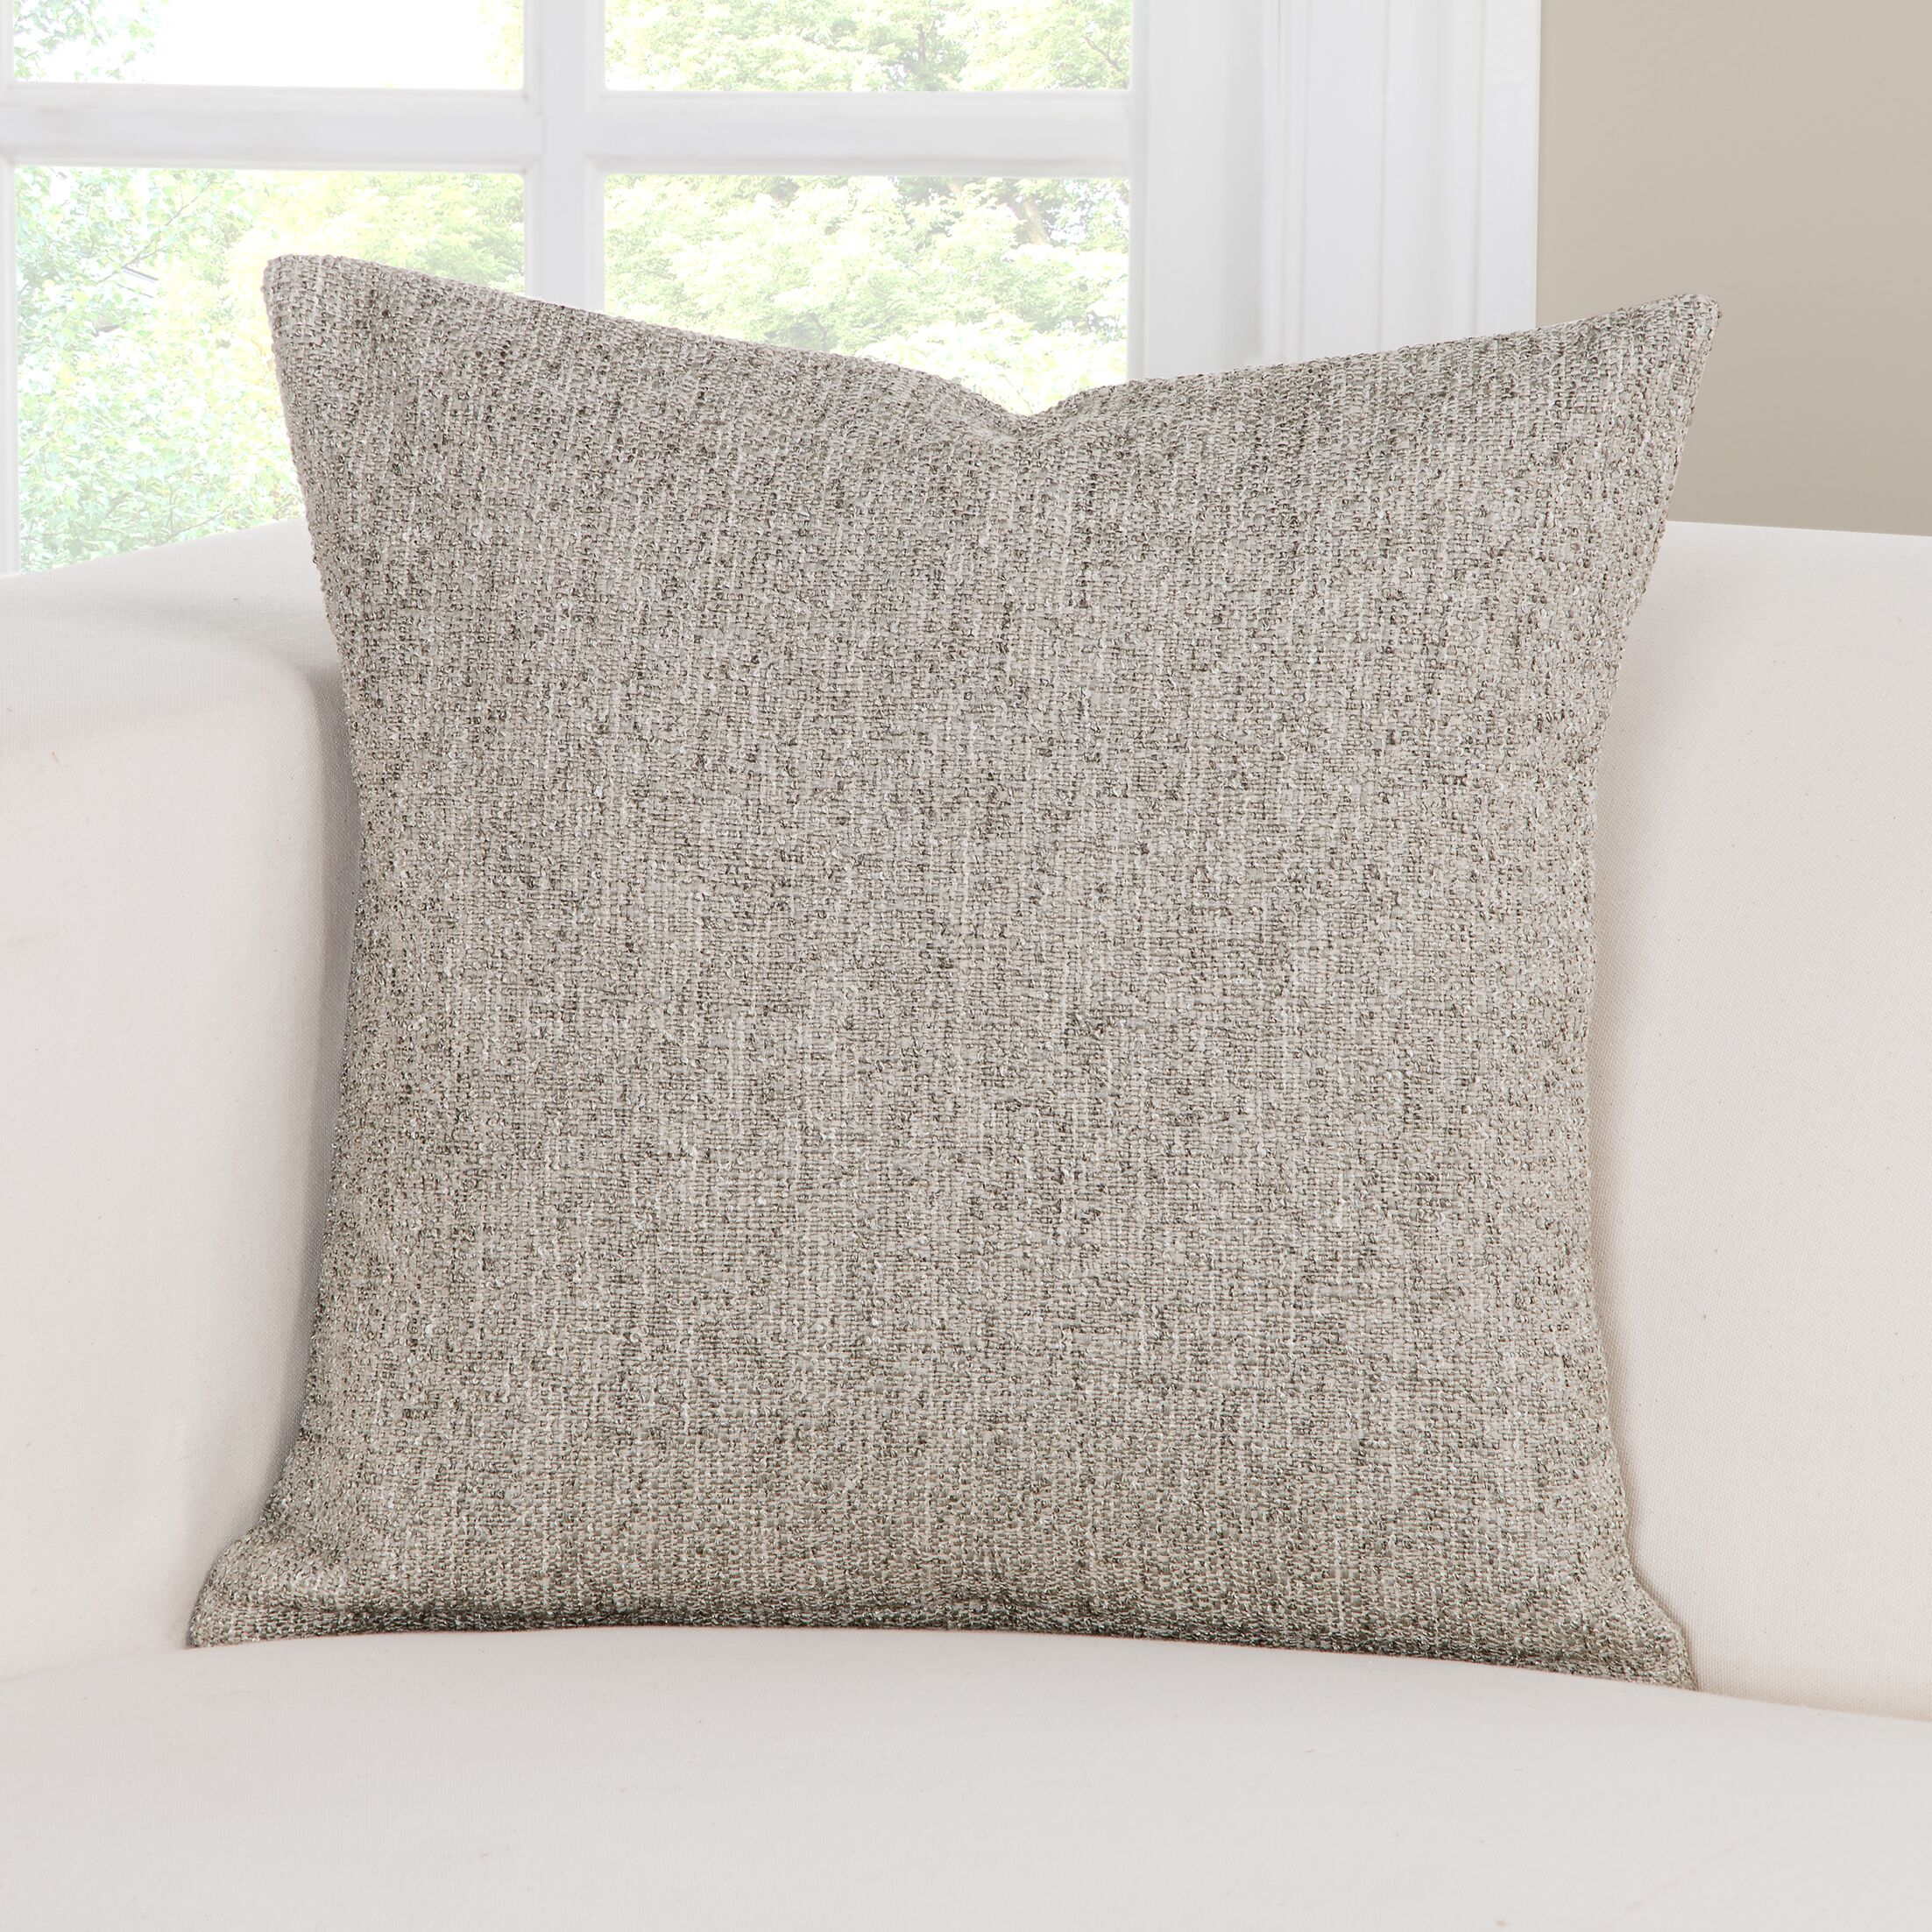 Belmont Throw Pillow (Set of 2) Size: 16